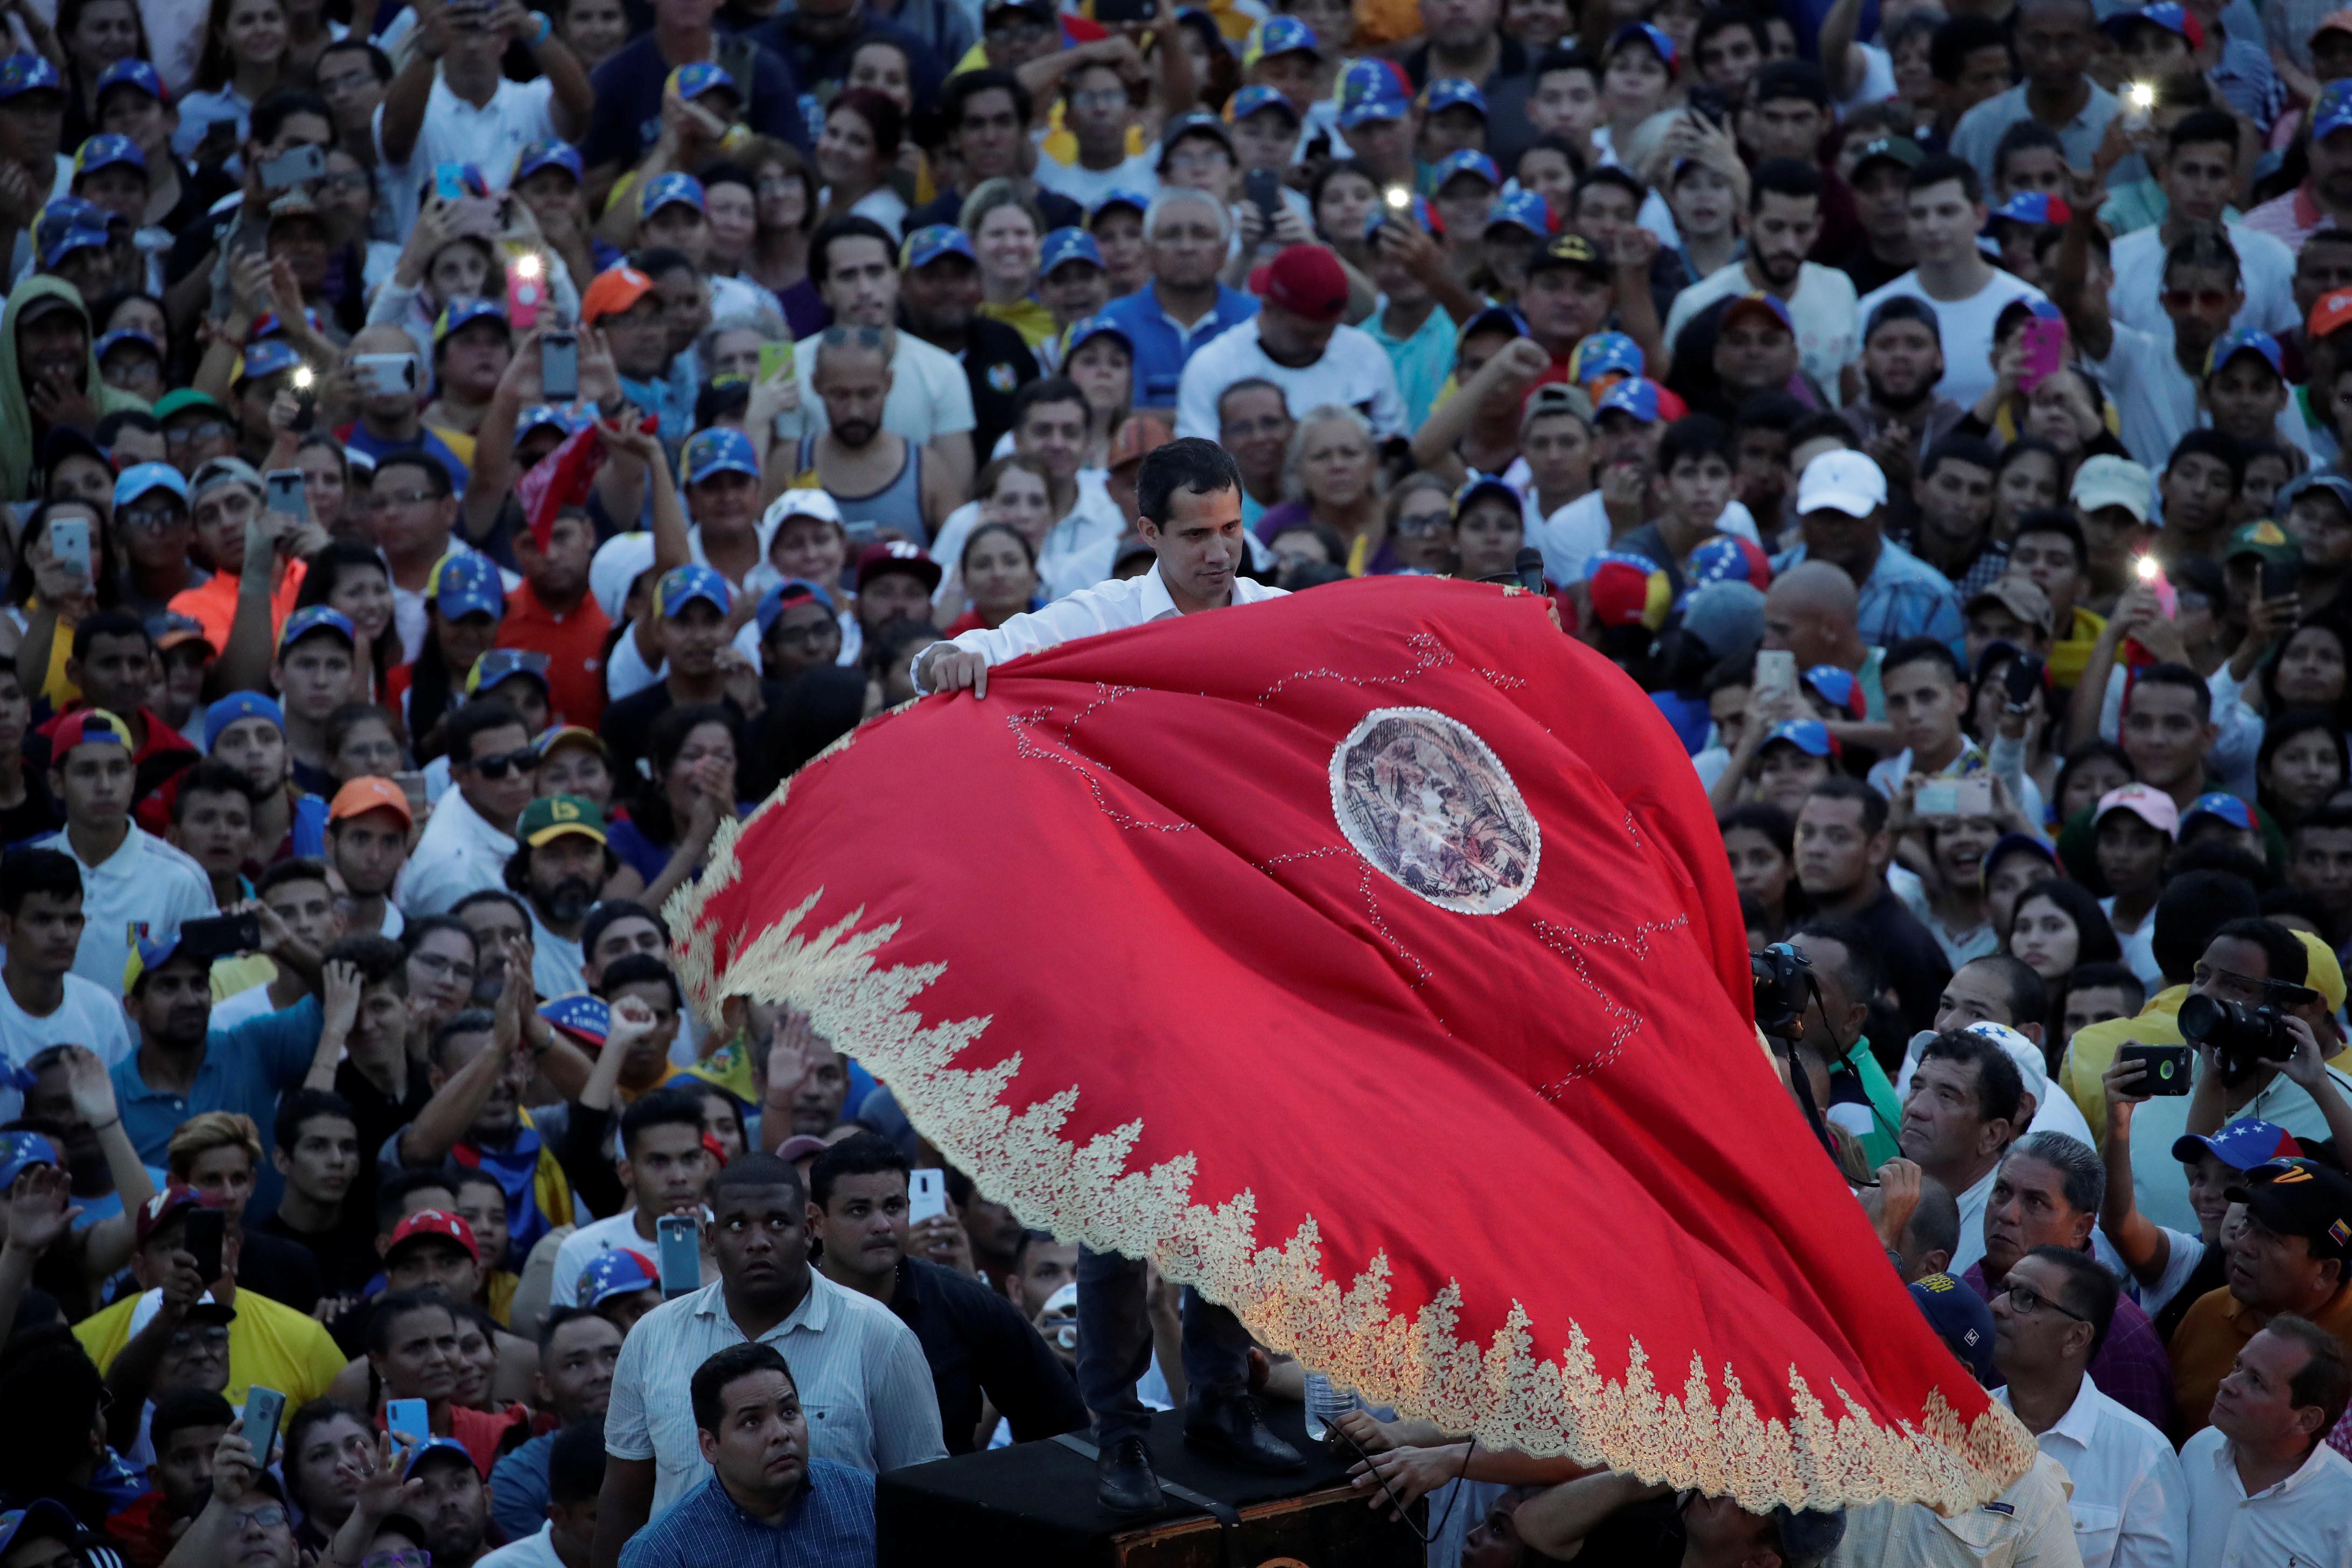 زعيم المعارضة الفنزويلية جوايدو يشارك في مظاهرة خلال زيارته لماراكايبو 14